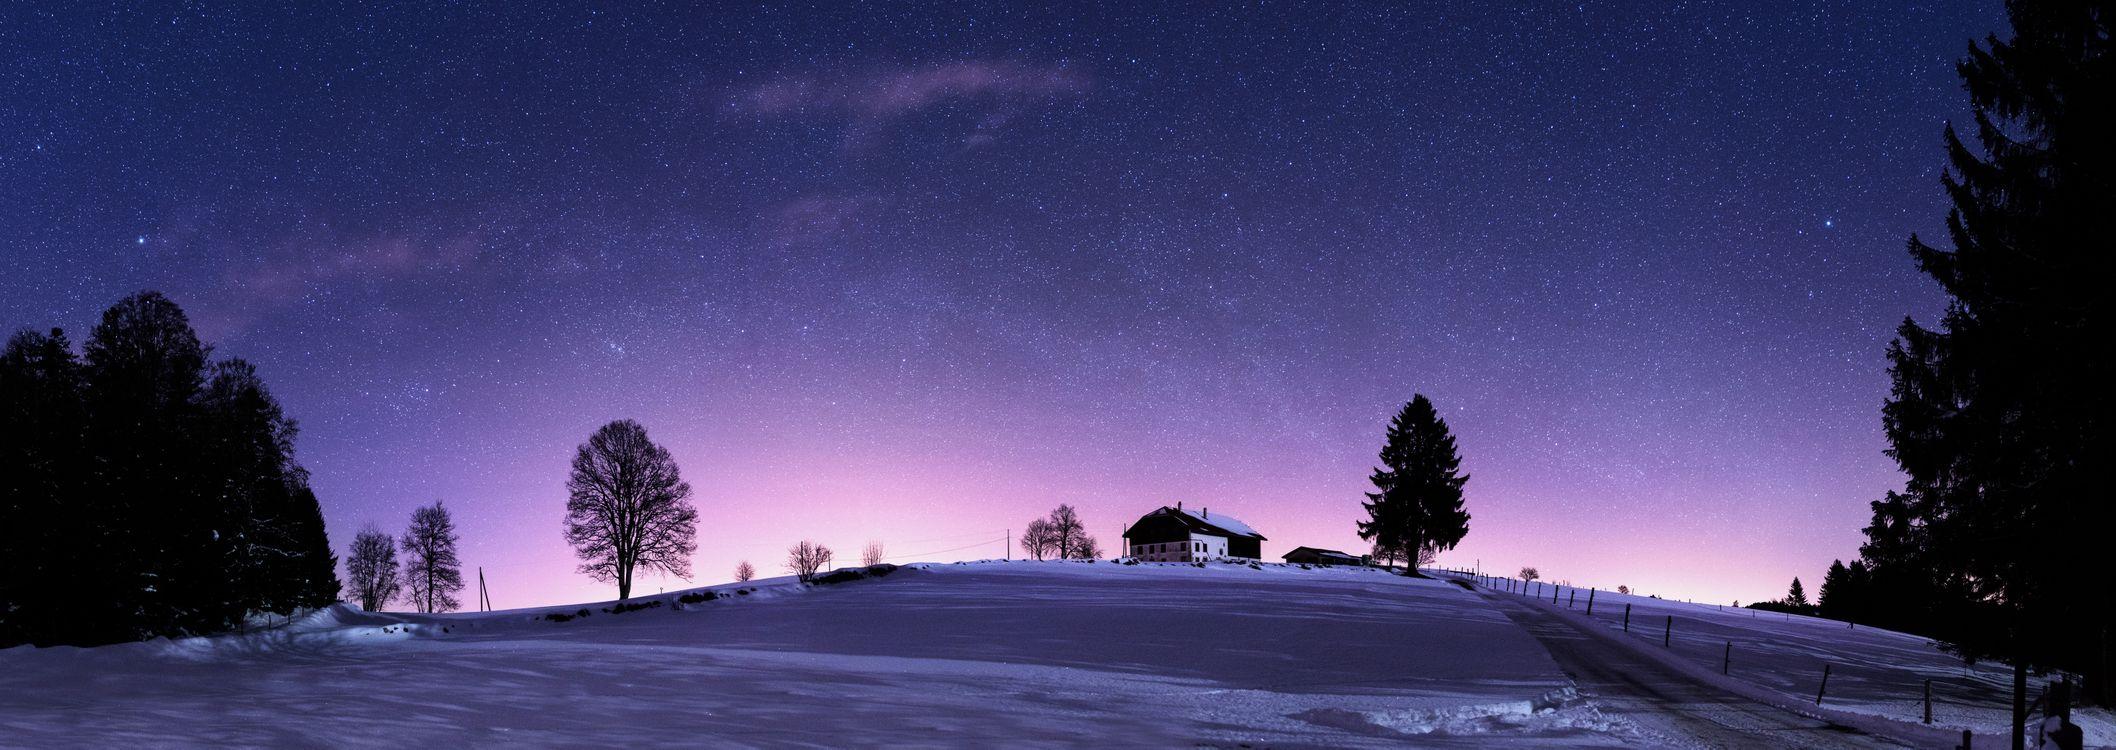 Фото бесплатно Юра Хиллз ночью, Ла Шо-де-Фон, Швейцария, ночь, зима, снег, домик, деревья, сияние, панорама, пейзажи